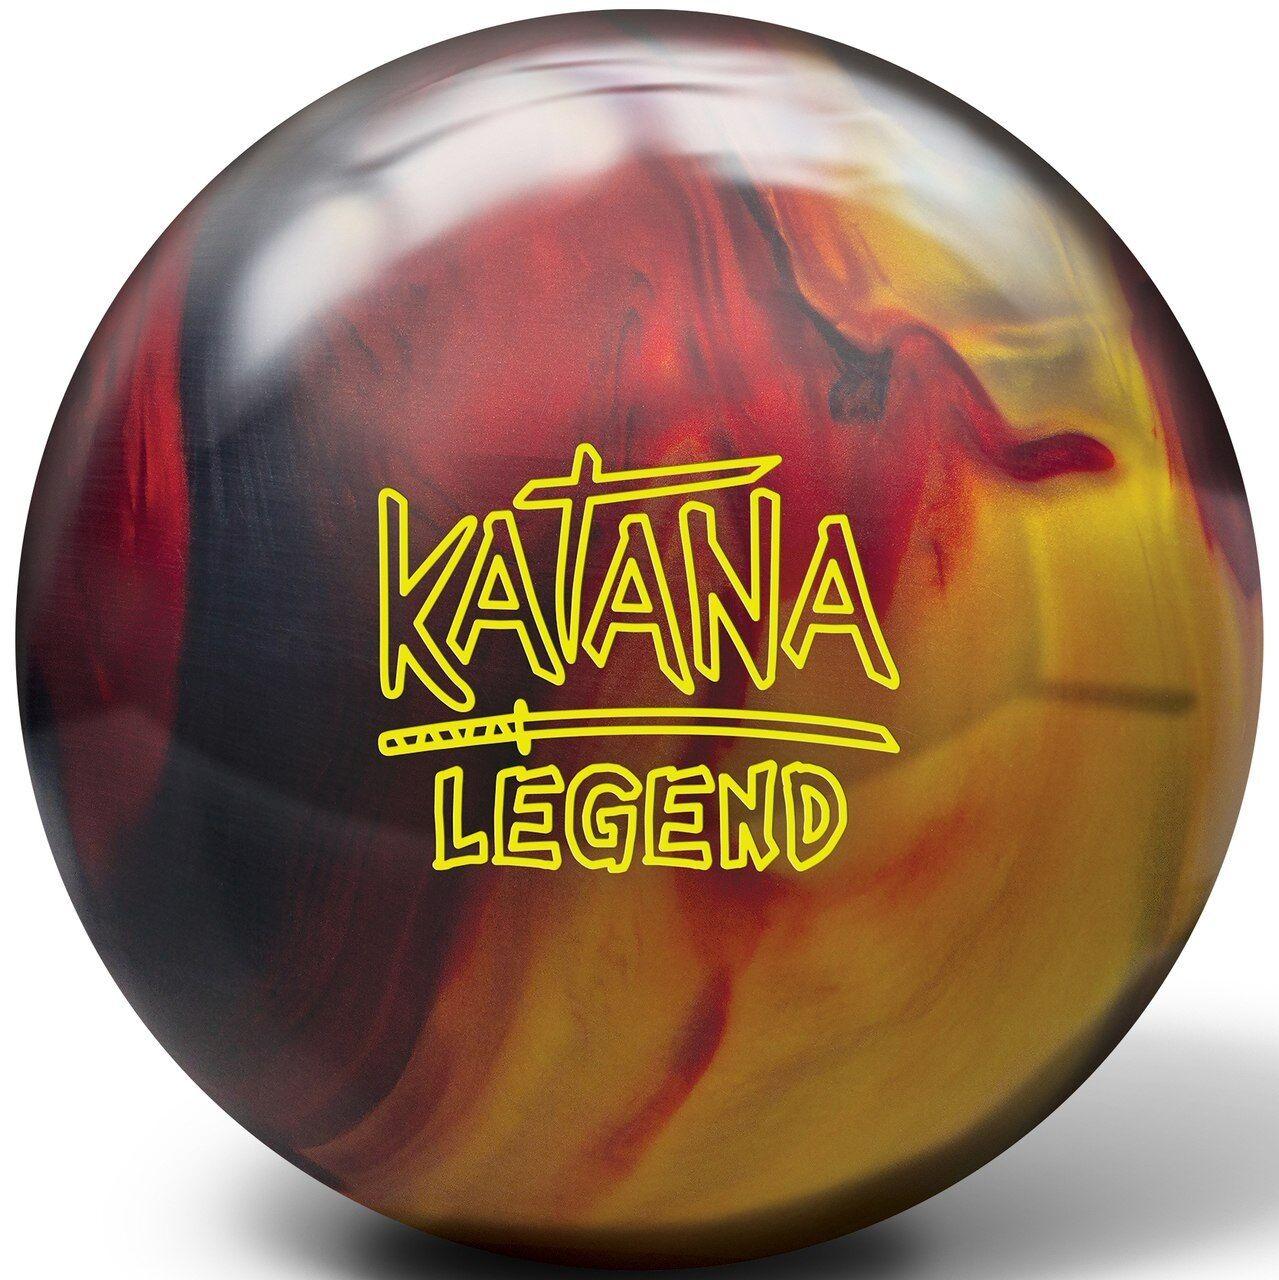 Radical Katana Legend Bowling Ball NIB 1st Quality